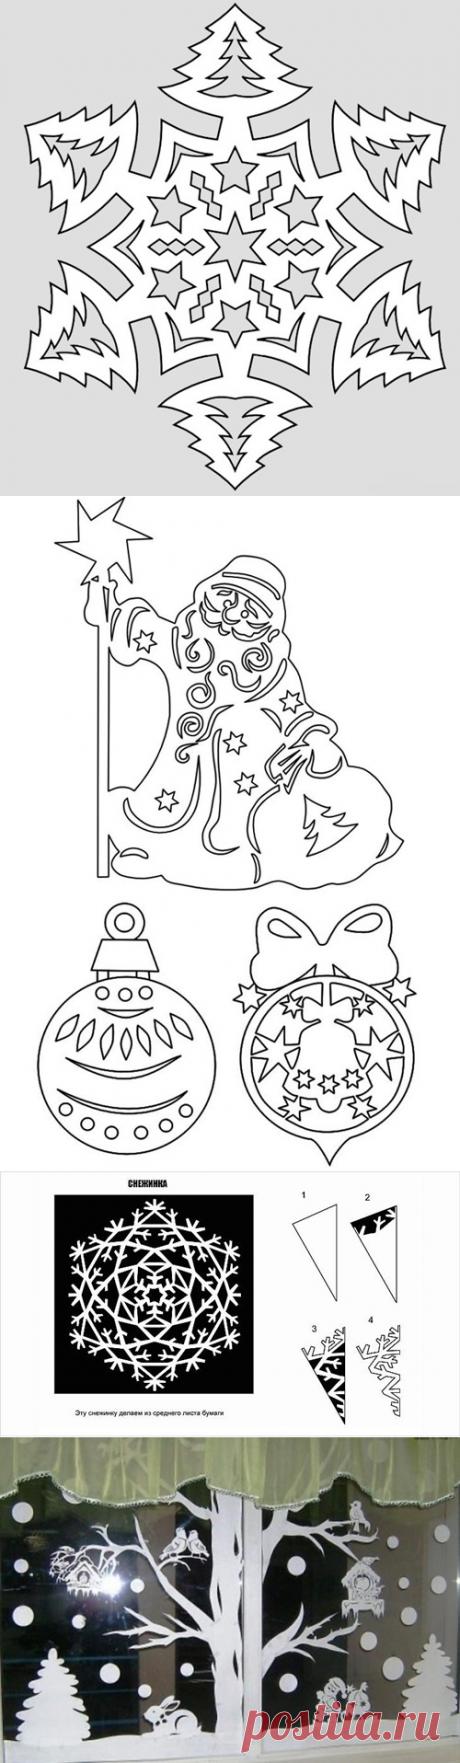 Украшение окон к Новому 2018 году – шаблоны (трафареты) для распечатывания: Как украсить окна на Новый год своими руками в детском саду, школе и дома